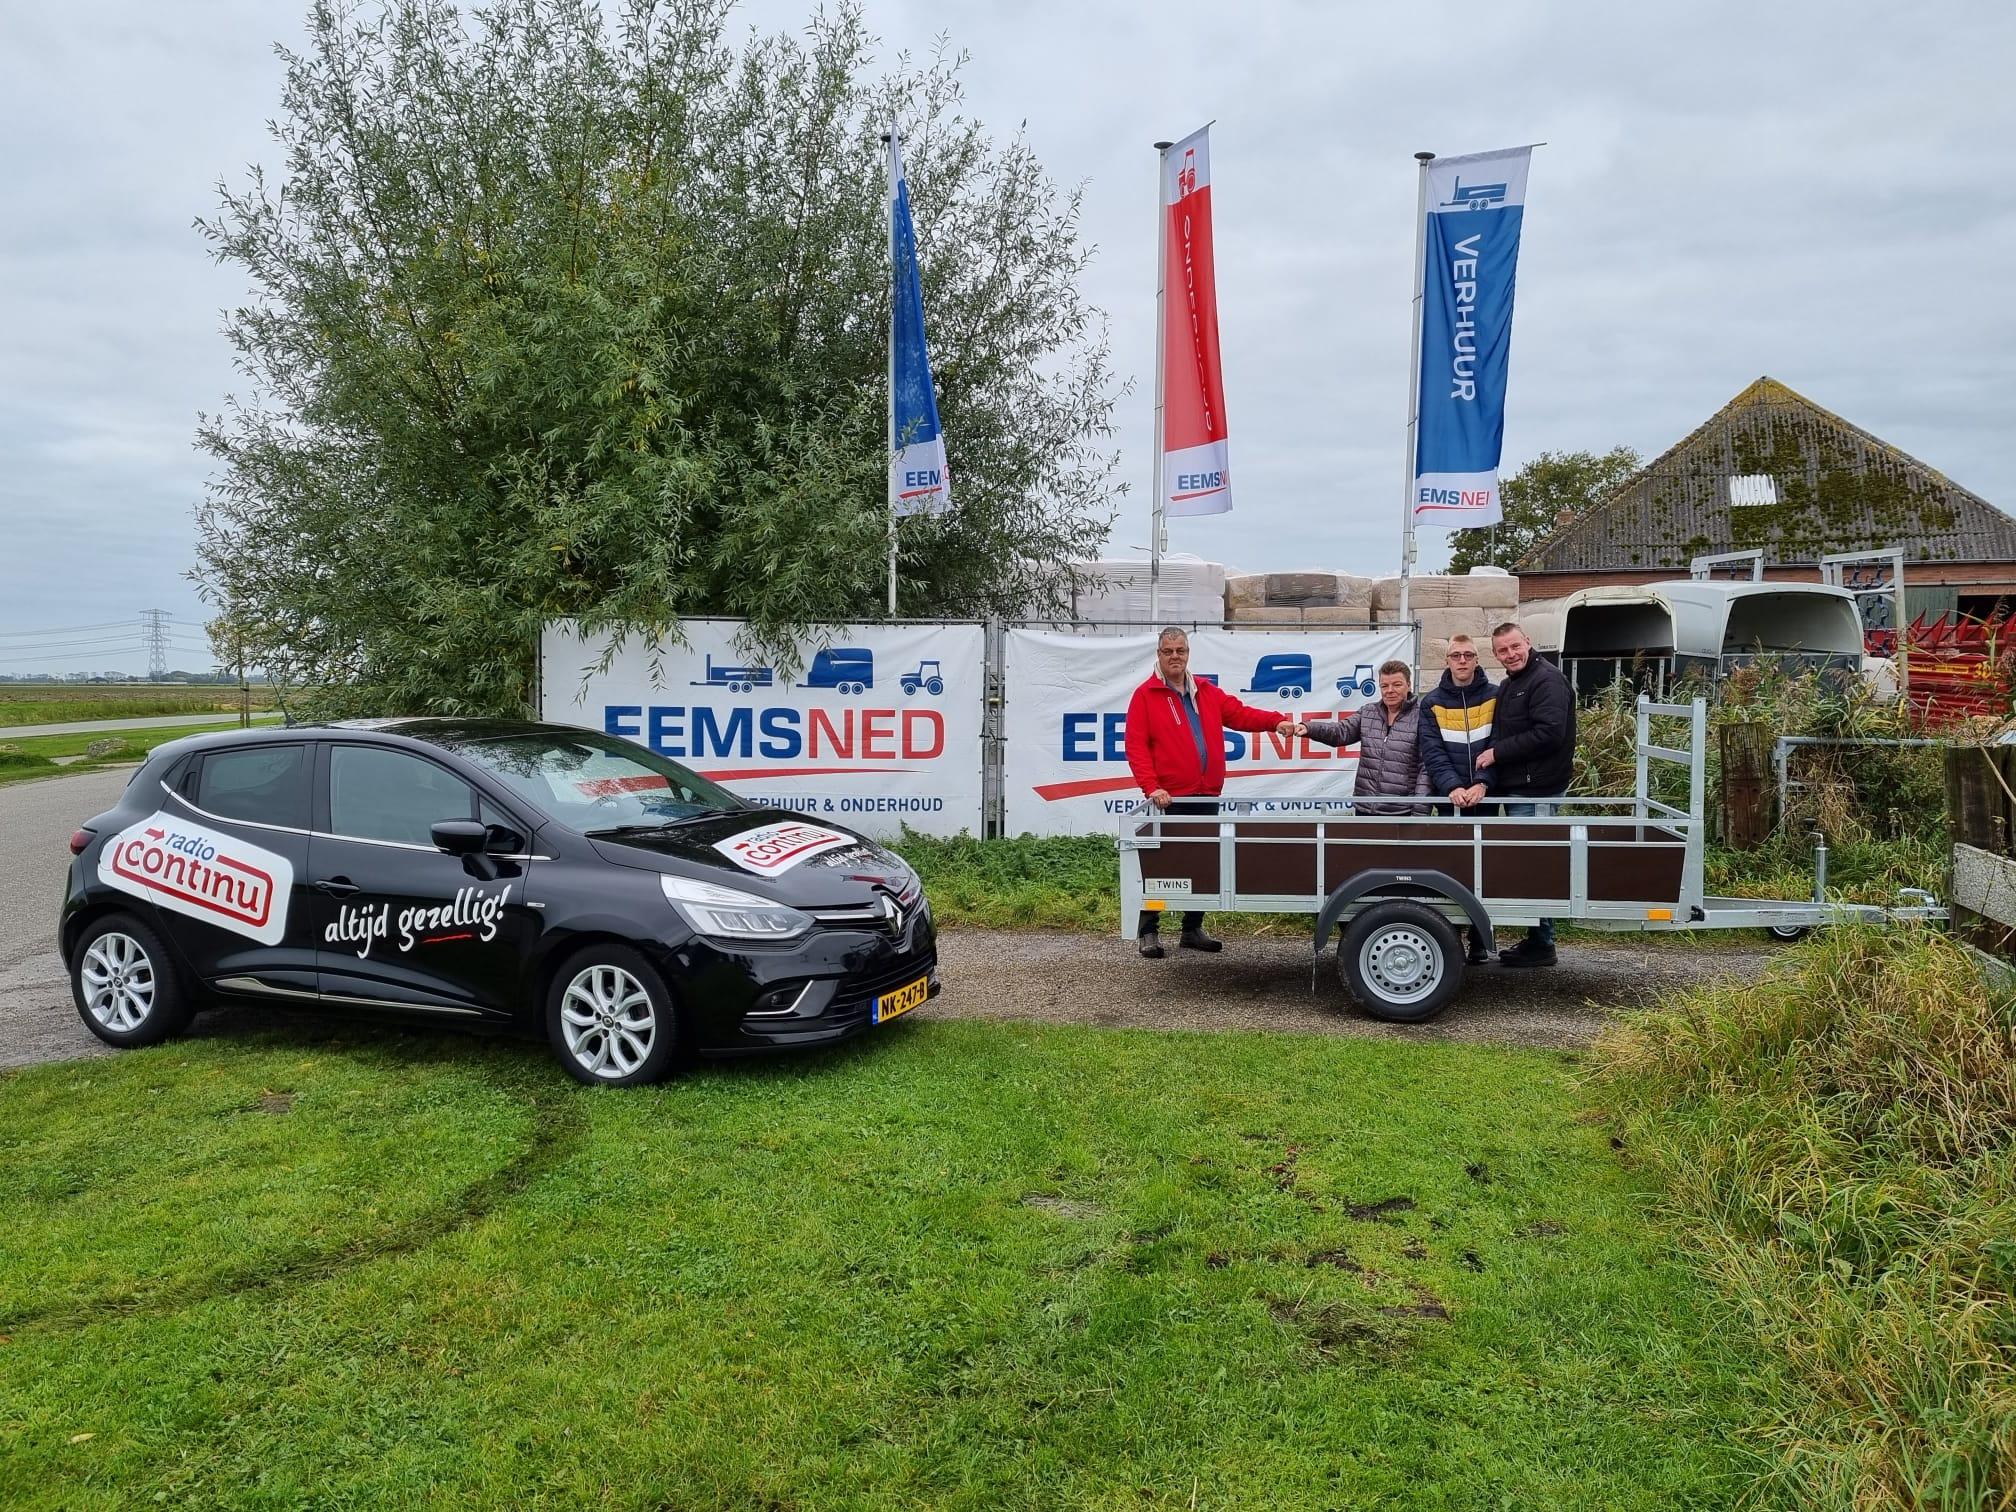 Fam Hartong uit Coevorden winnaars van de Eemsned aanhanger